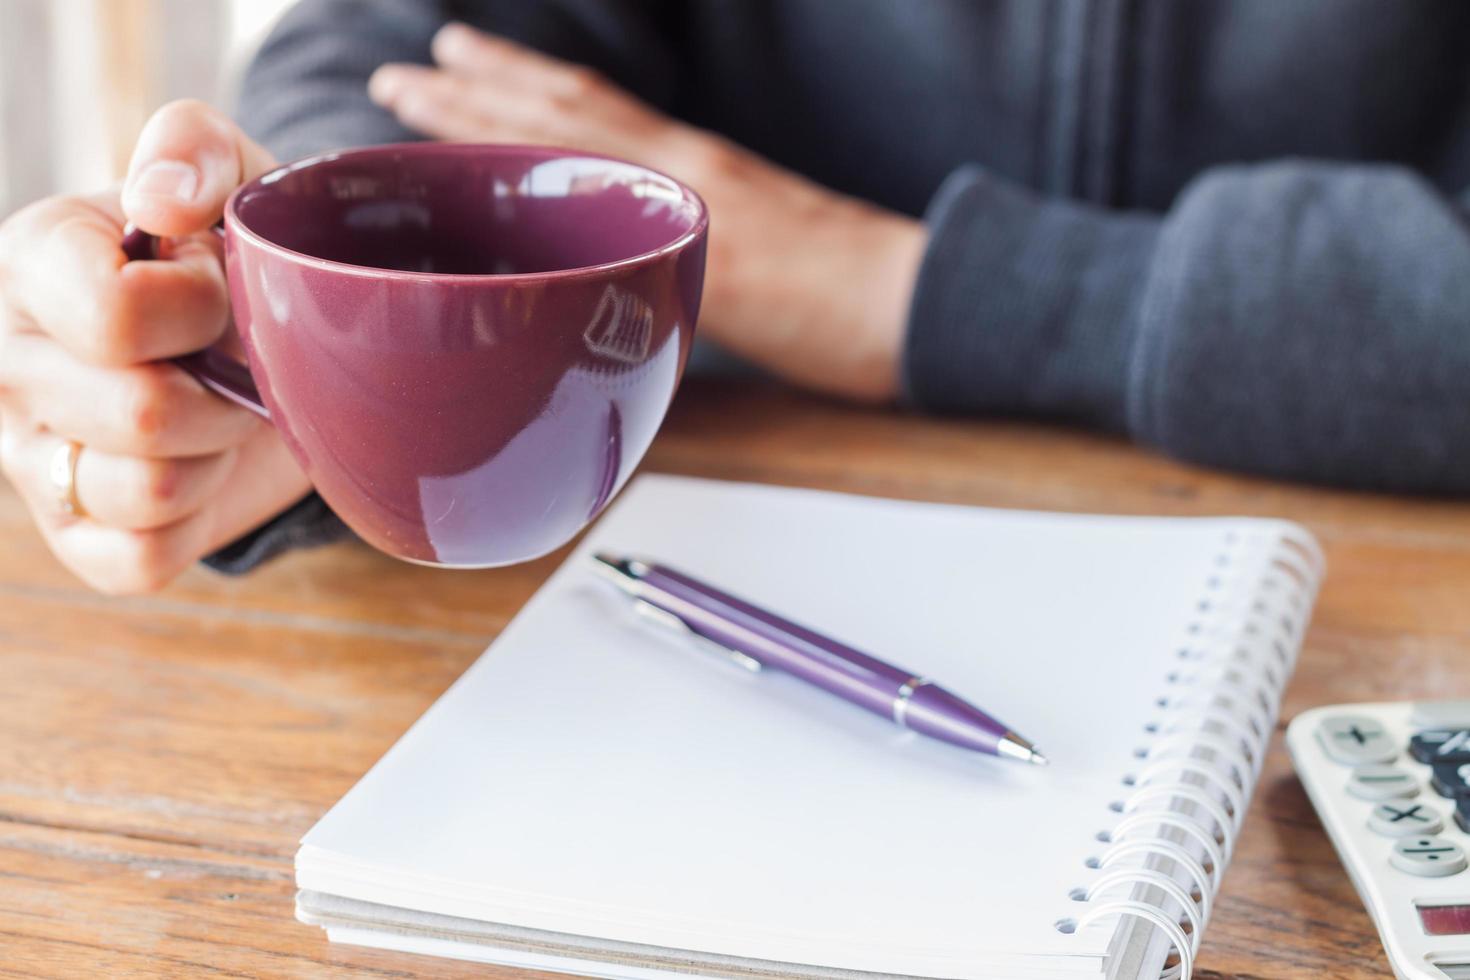 persoon met een kopje koffie foto